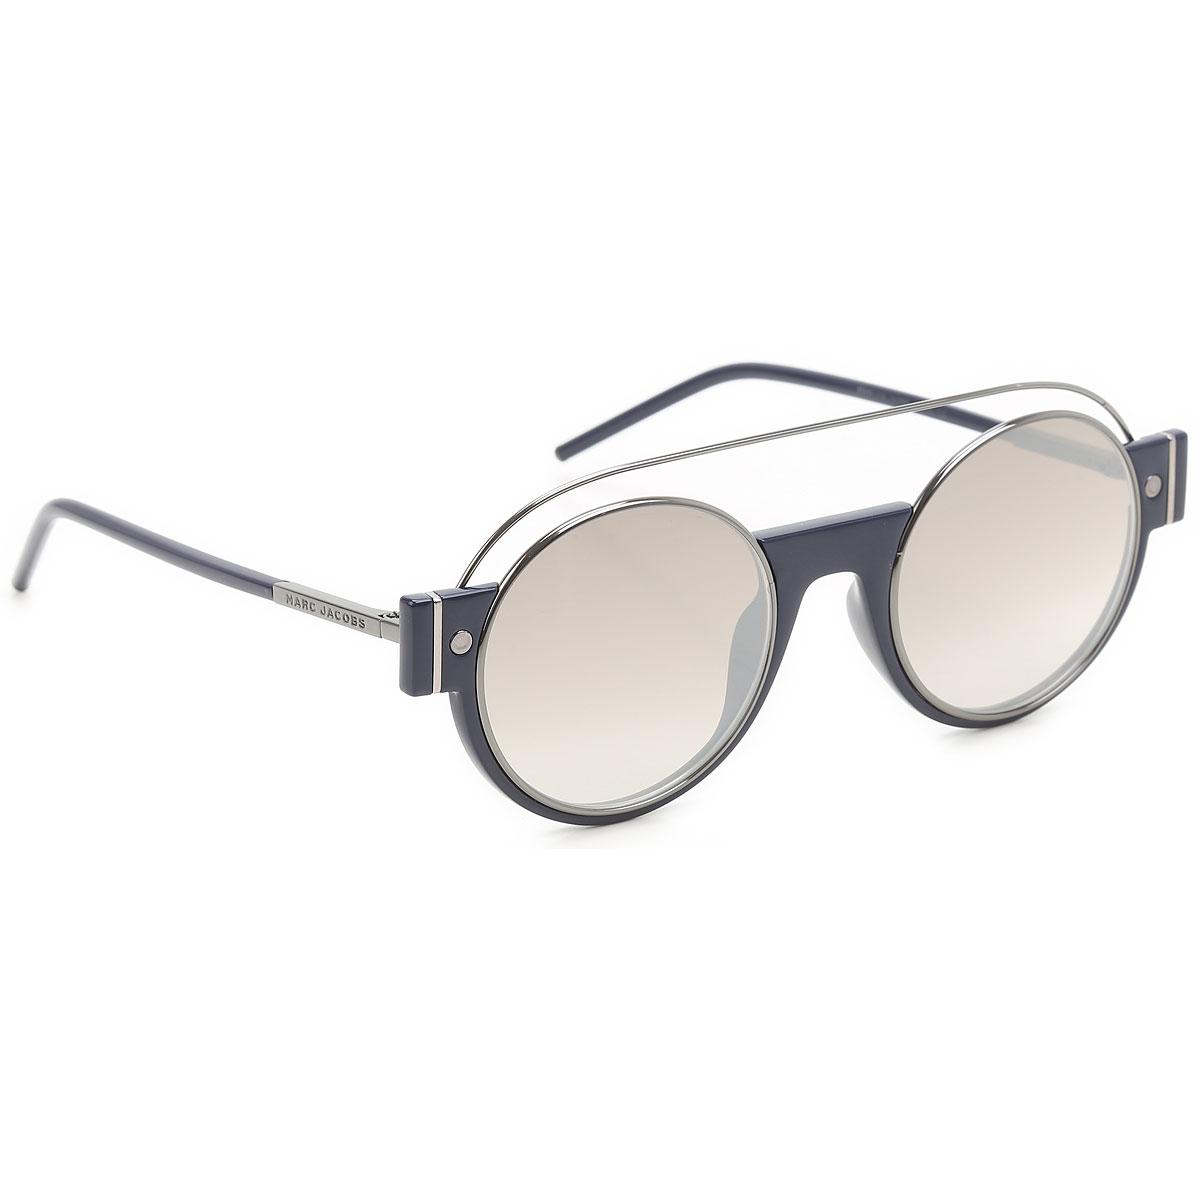 lunettes de soleil marc jacobs code produit marc2s u5znq. Black Bedroom Furniture Sets. Home Design Ideas